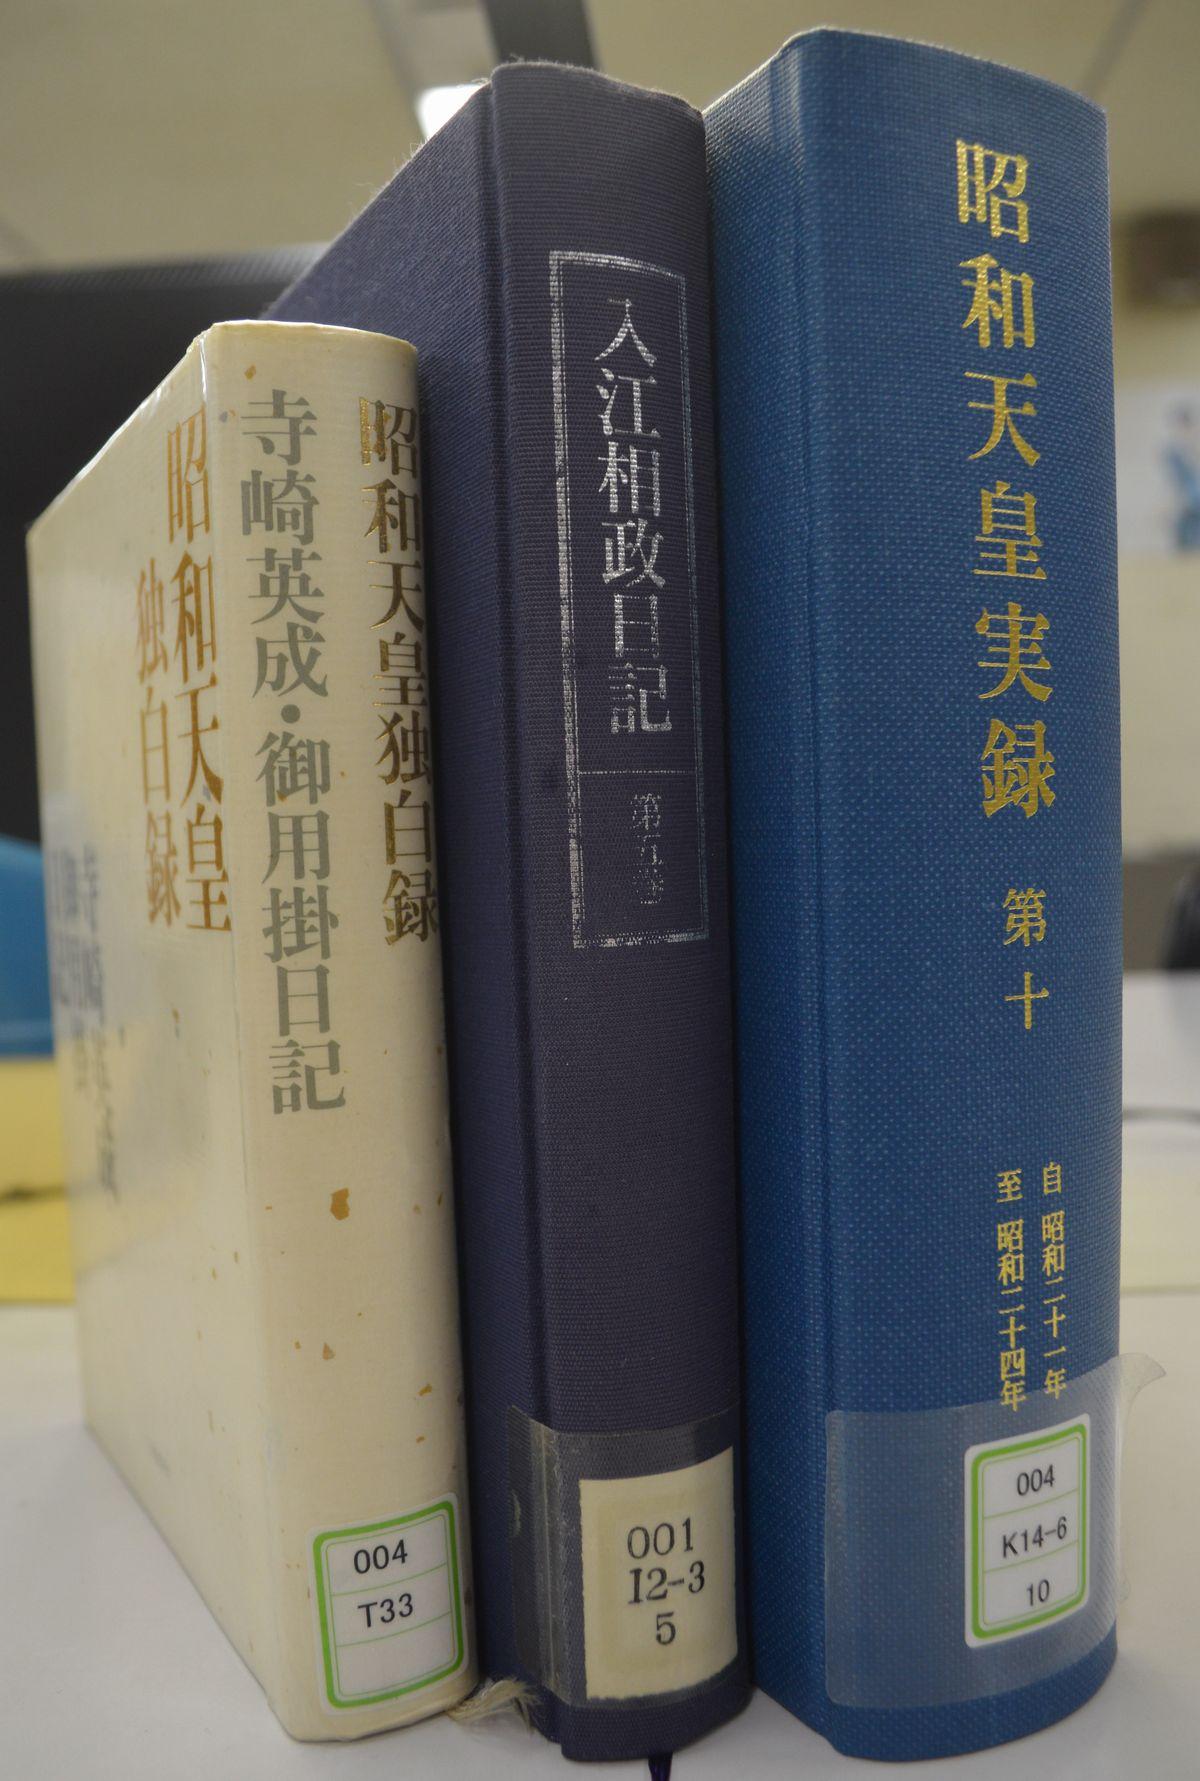 写真・図版 : 「天皇メッセージ」をめぐる経緯が確認できる書籍